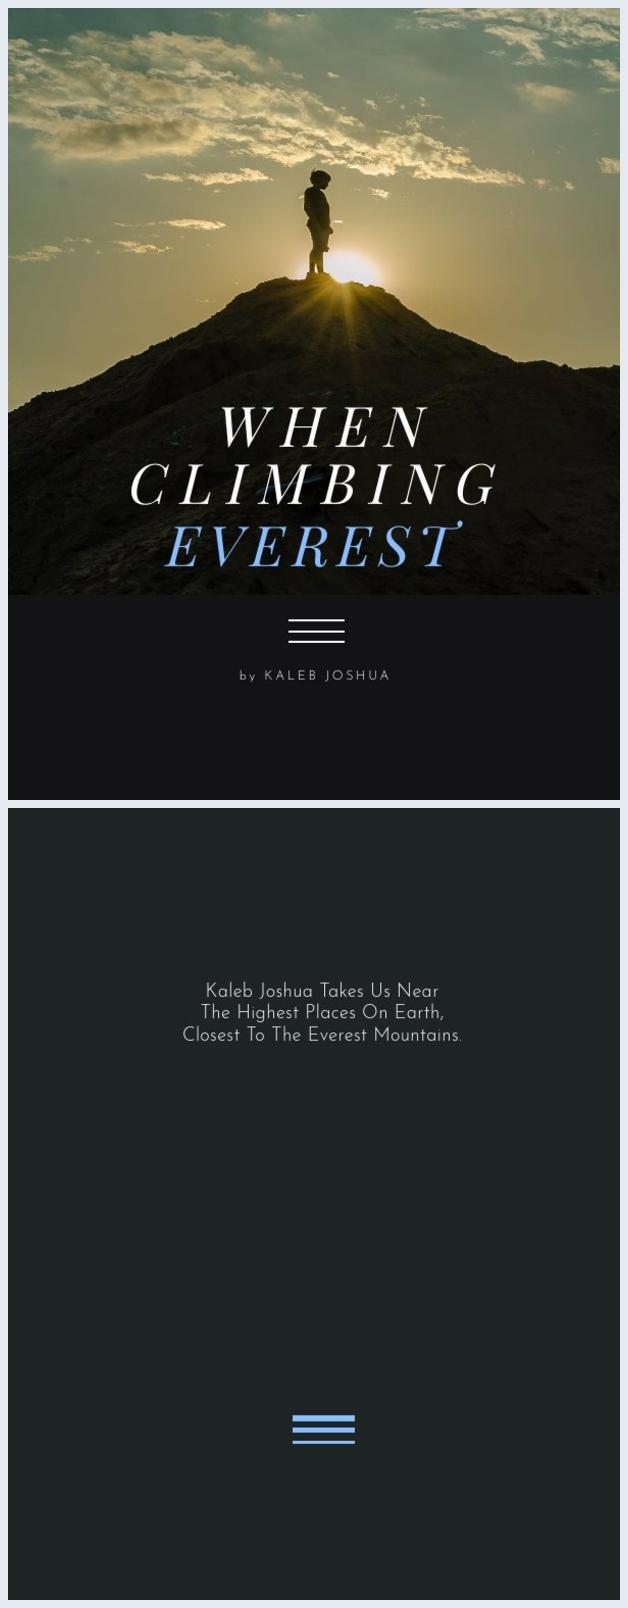 Inspirerende boeken omslag ontwerp